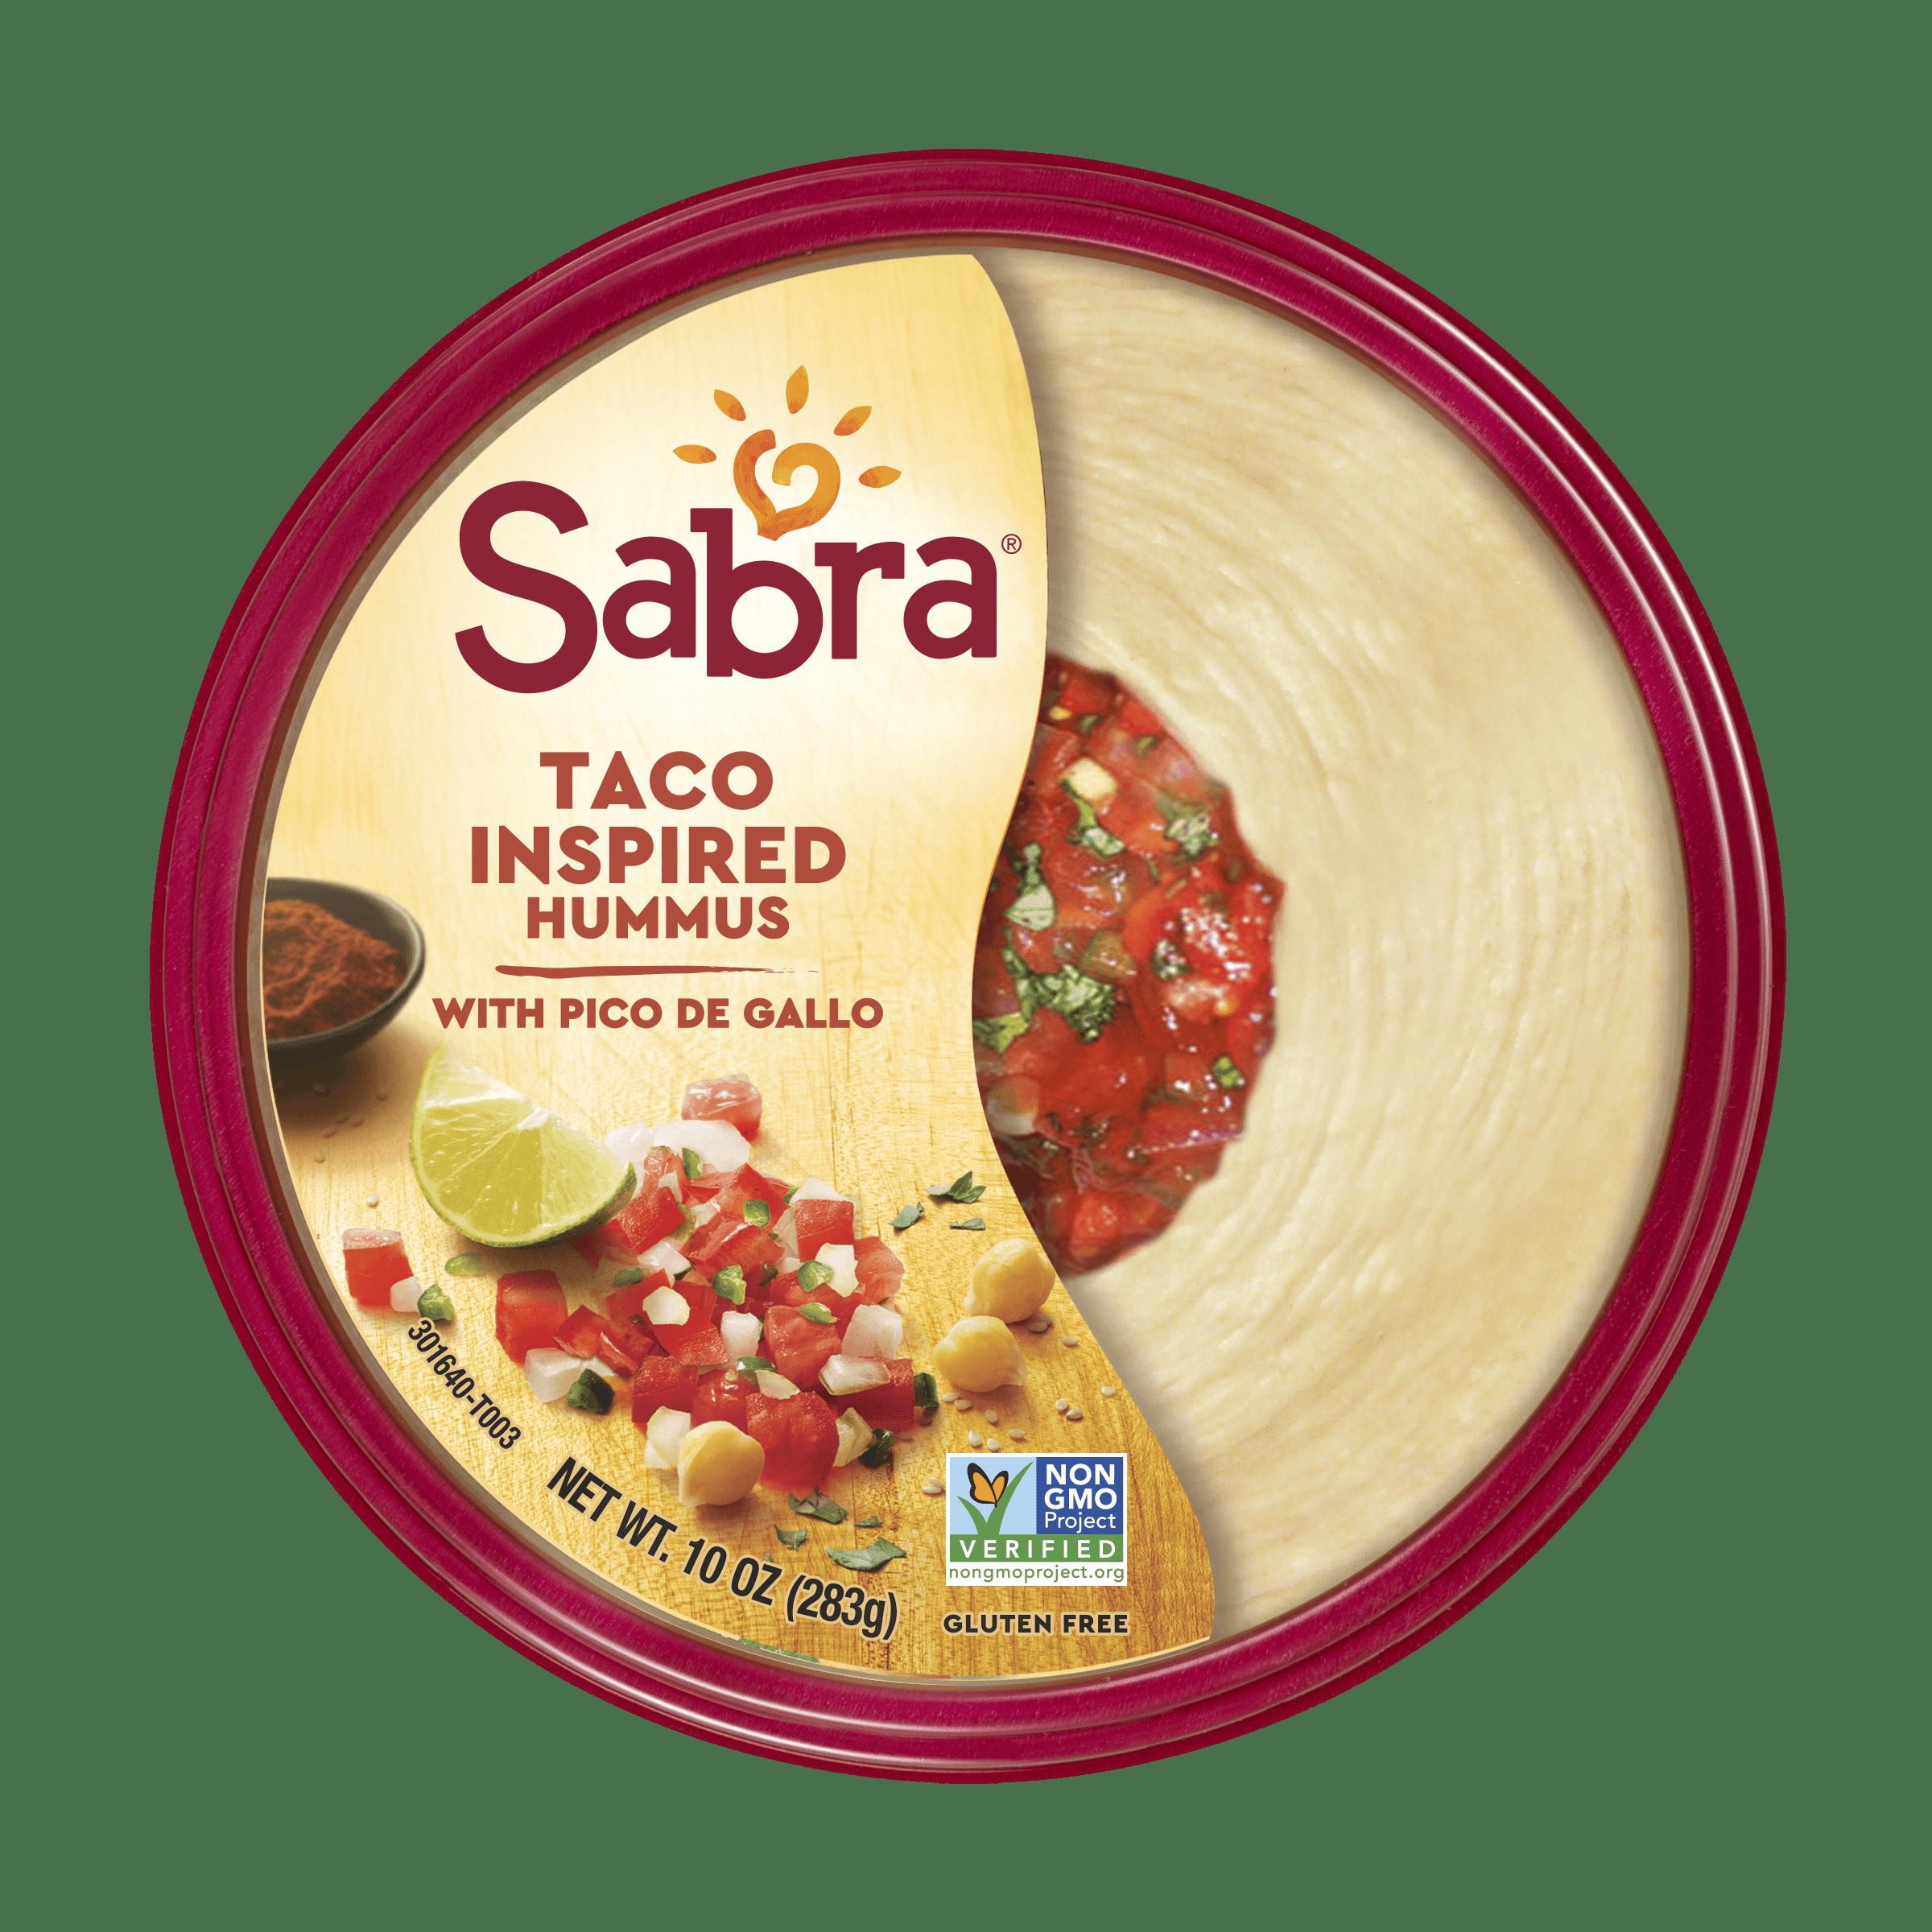 Sabra Taco Inspired Hummus with Pico de Gallo, 10.0 OZ